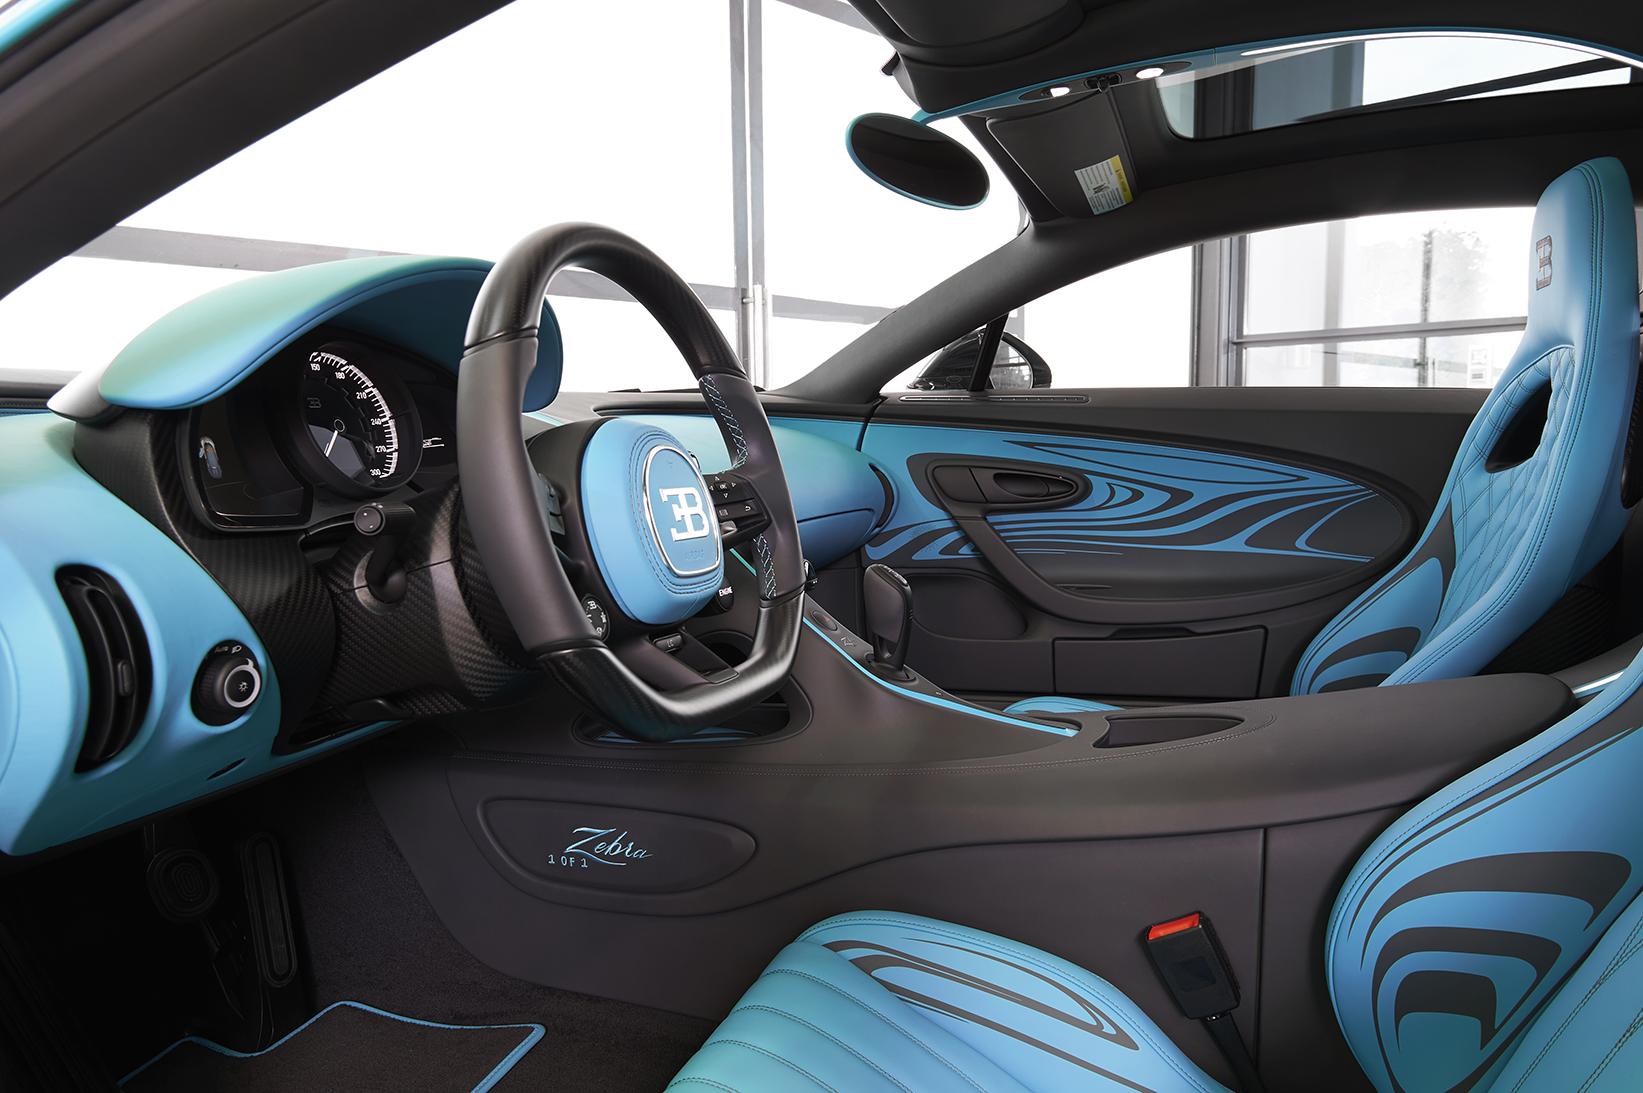 都是四个轮子和一个方向盘,为什么一辆布加迪能卖到几千万?